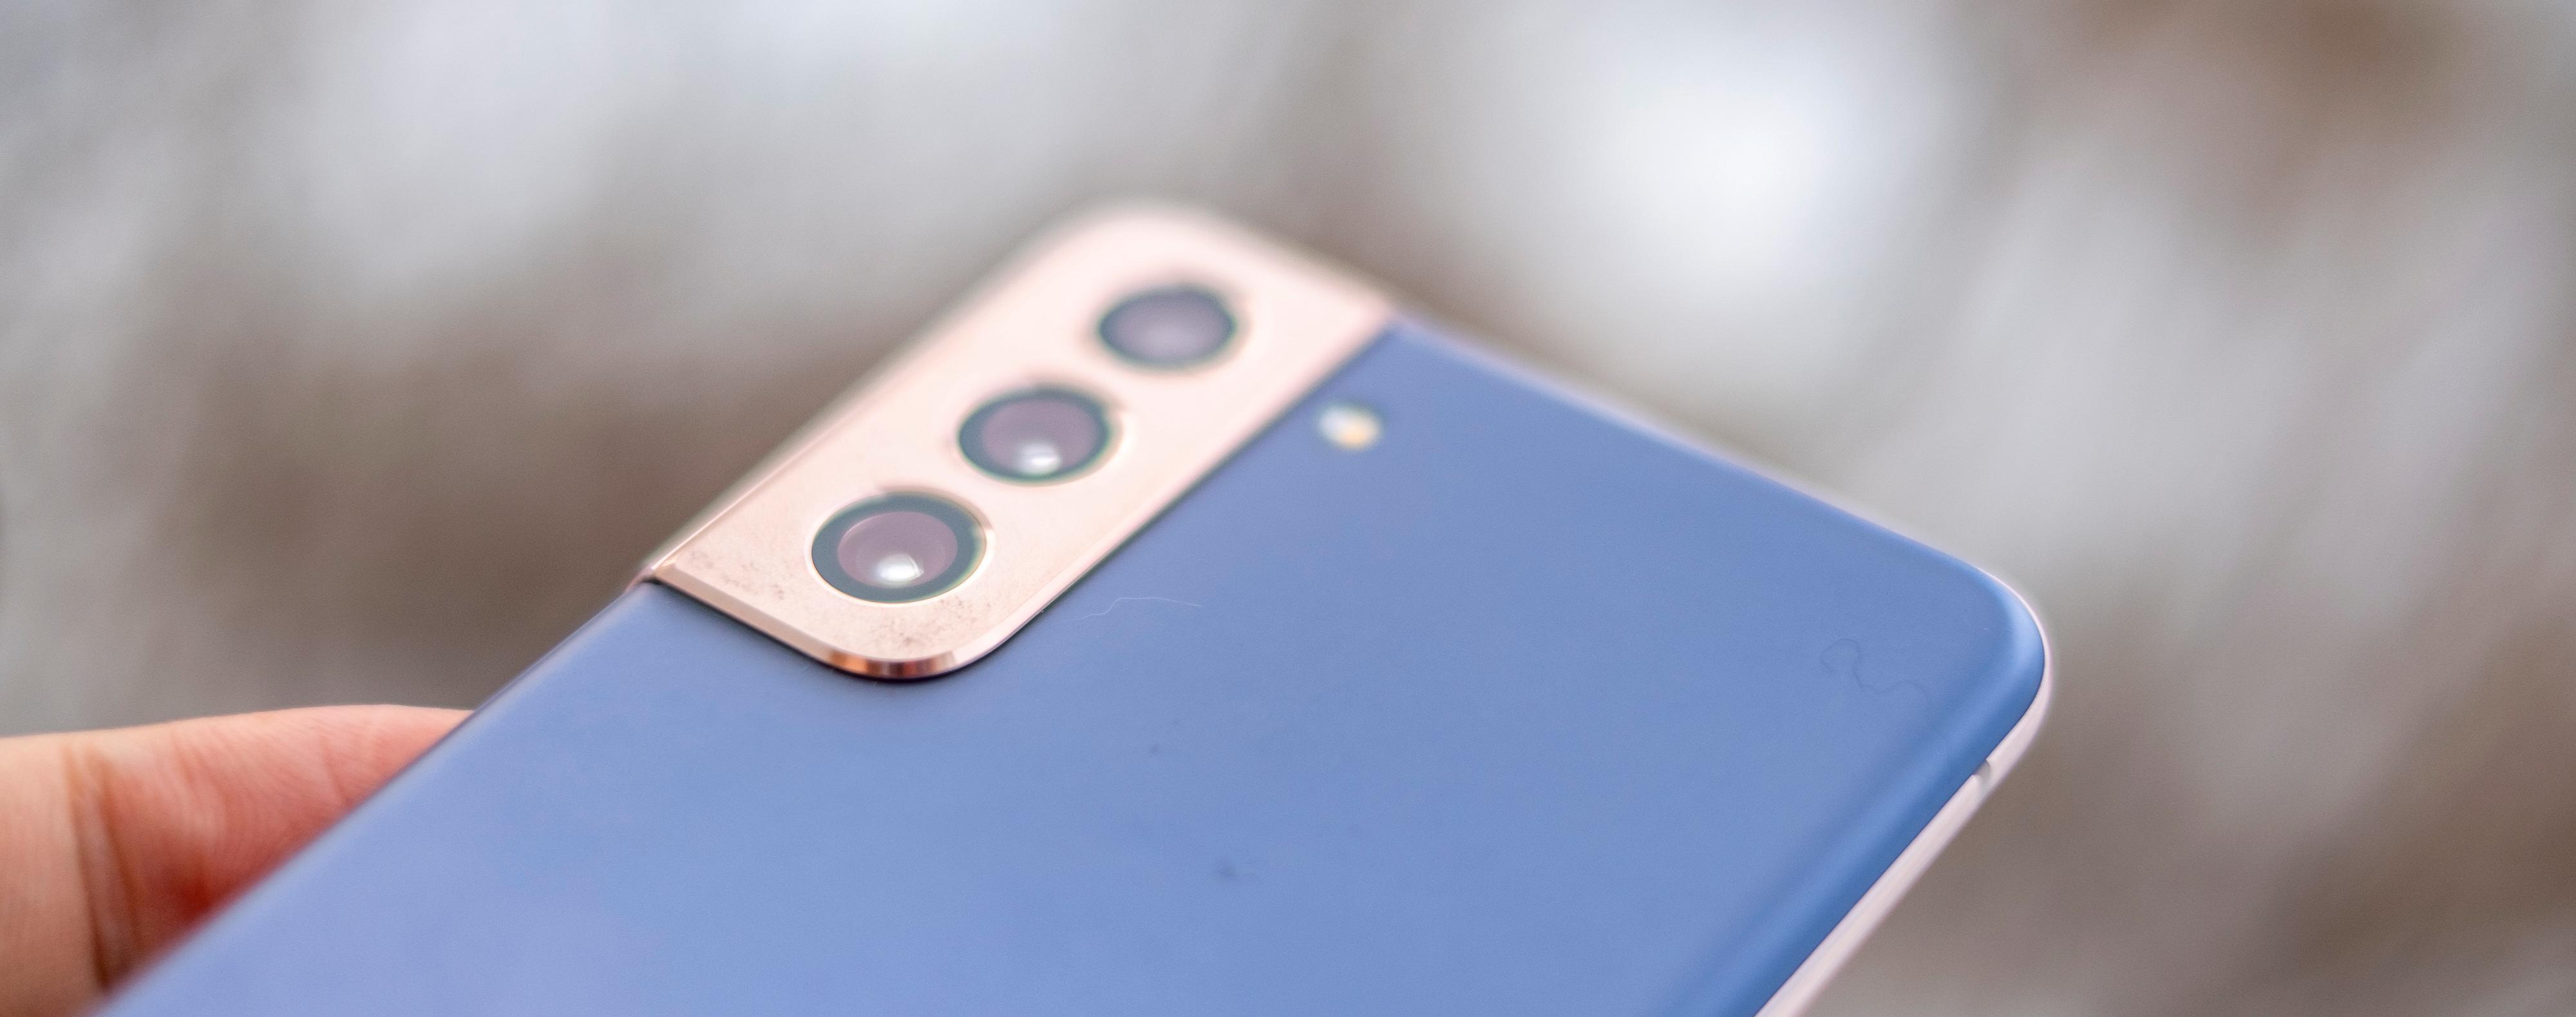 Plasten på baksiden betyr flere ting. Telefonen blir mindre glatt og glir ikke rundt på alle overflater og den tåler støt bedre. Men den tåler også nøkler og slitasje dårligere enn glasset i de andre to S21-modellene. Oppsig og nedsig der altså.